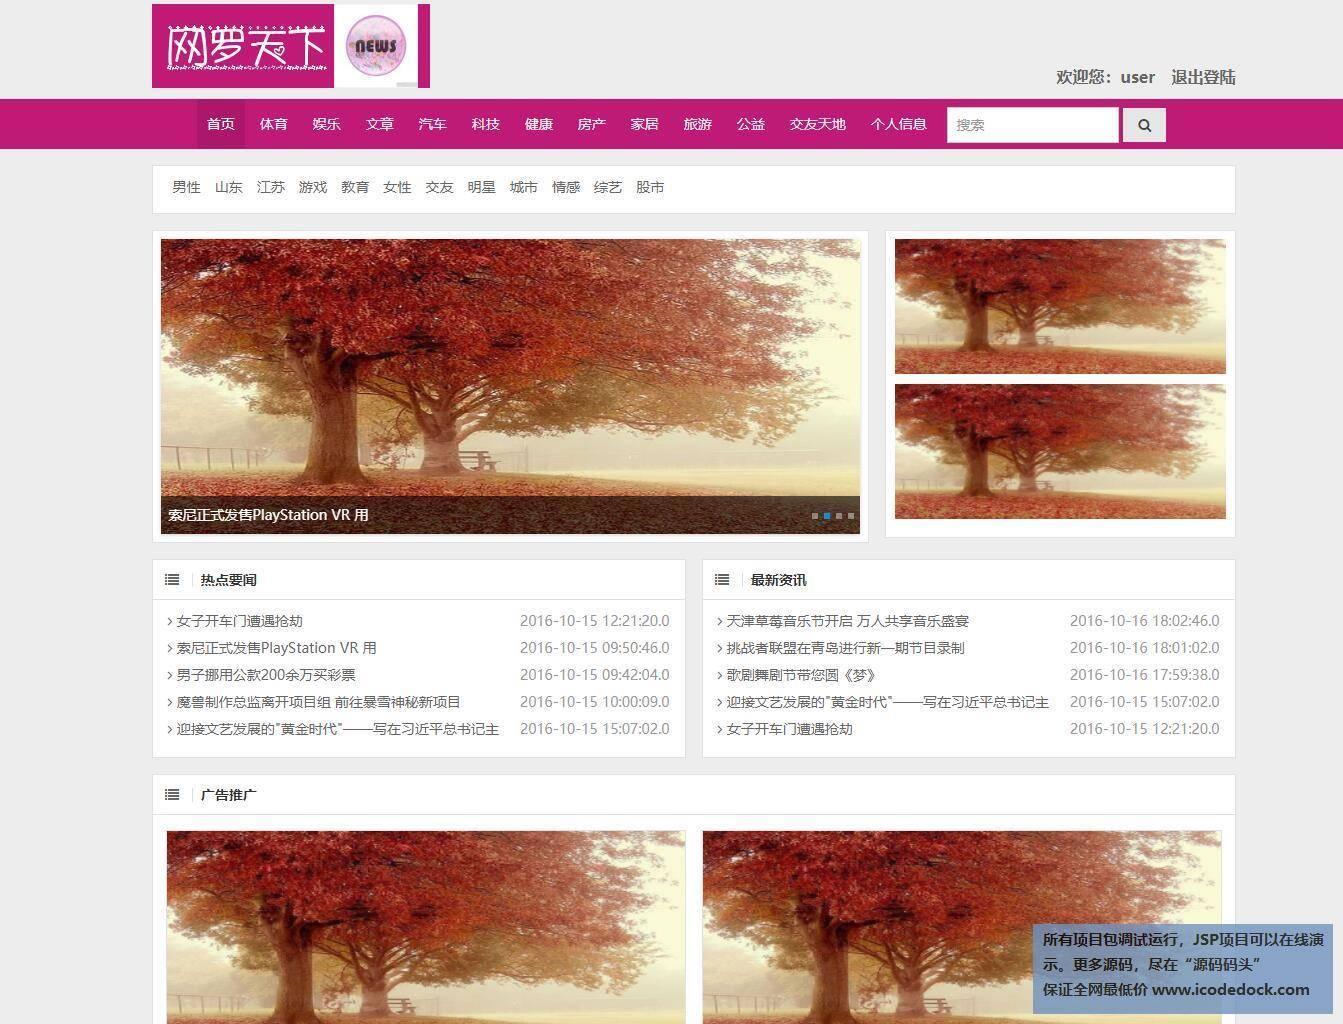 源码码头-SSH新闻资讯网站管理系统-用户角色-用户首页